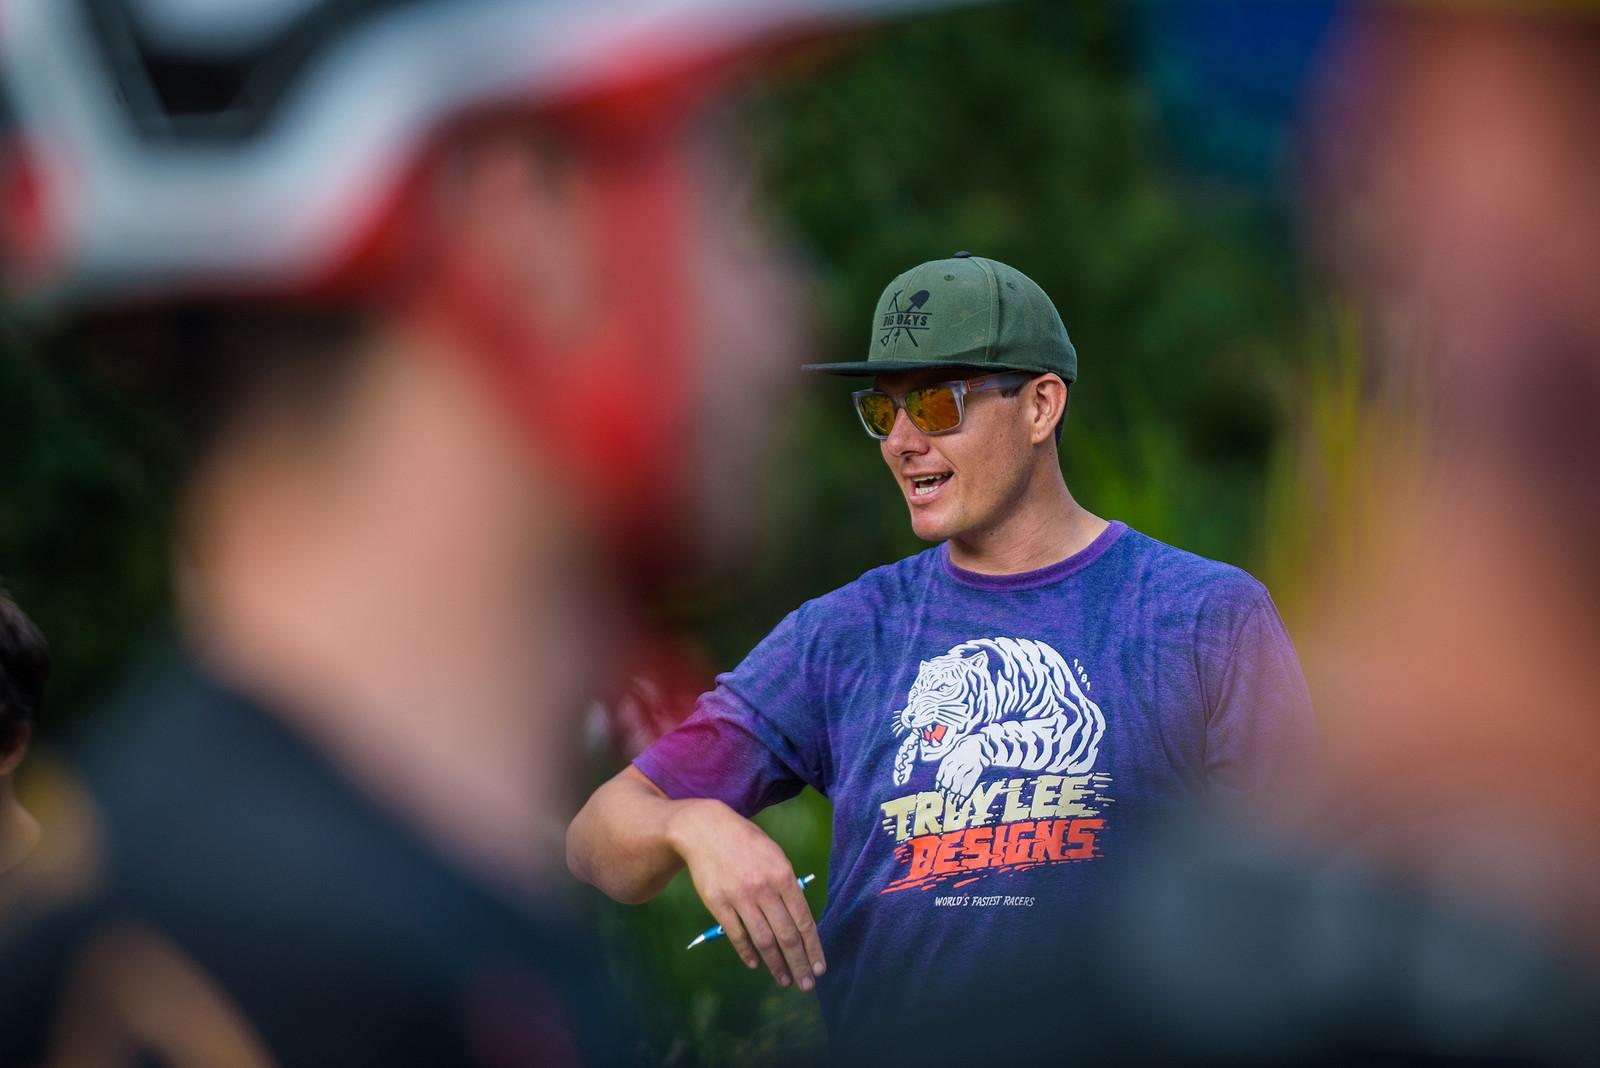 Dan Ragget - 2018 Nelson MTB Club Top Gun Event - Mountain Biking Pictures - Vital MTB